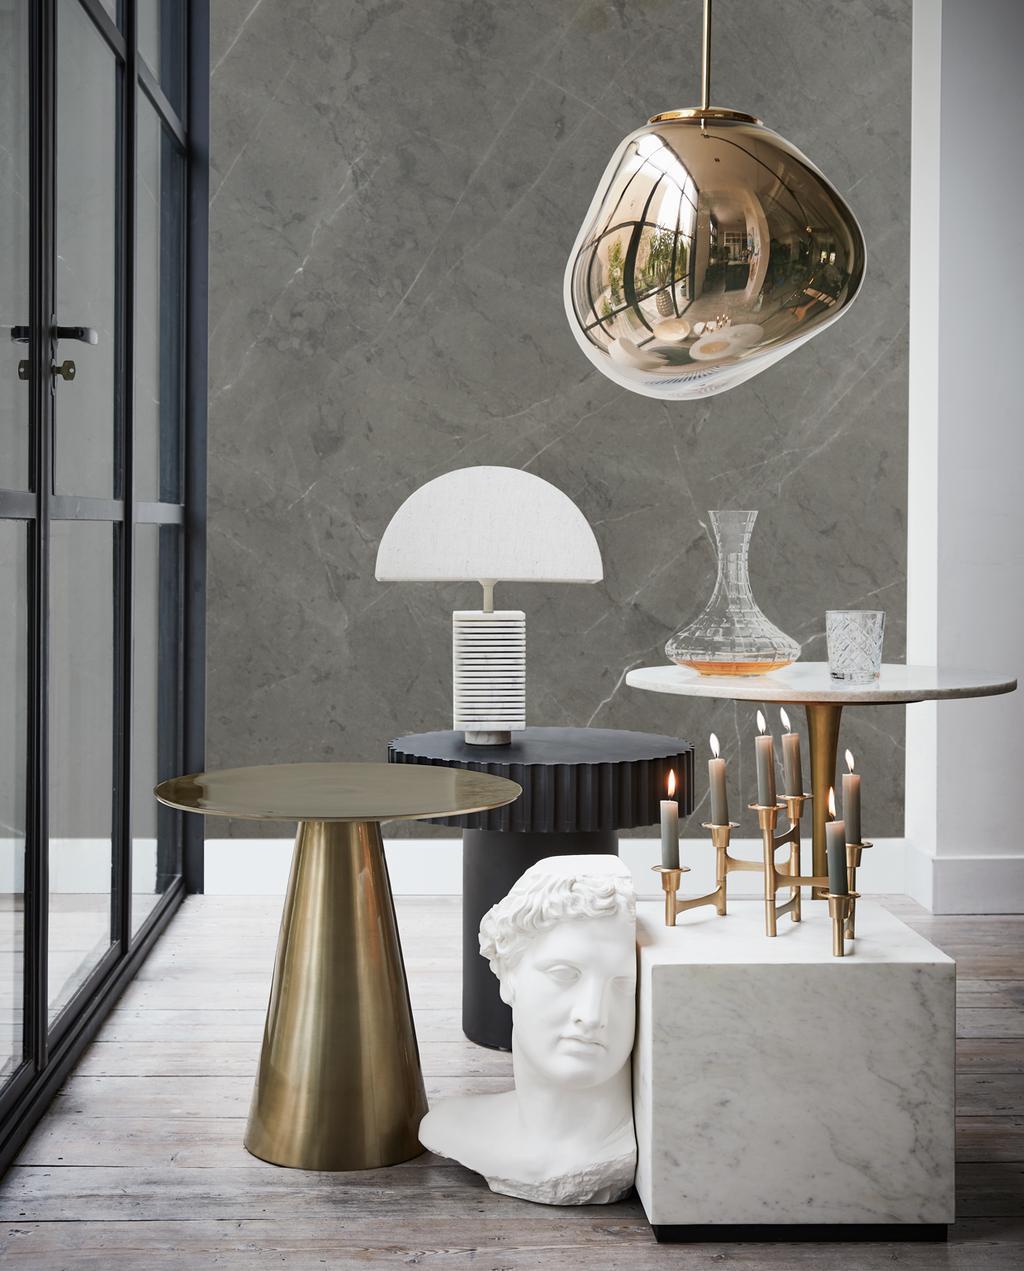 vtwonen 13-2019 | styling Marmer: unieke en chique uitstraling tafel gedecoreerd